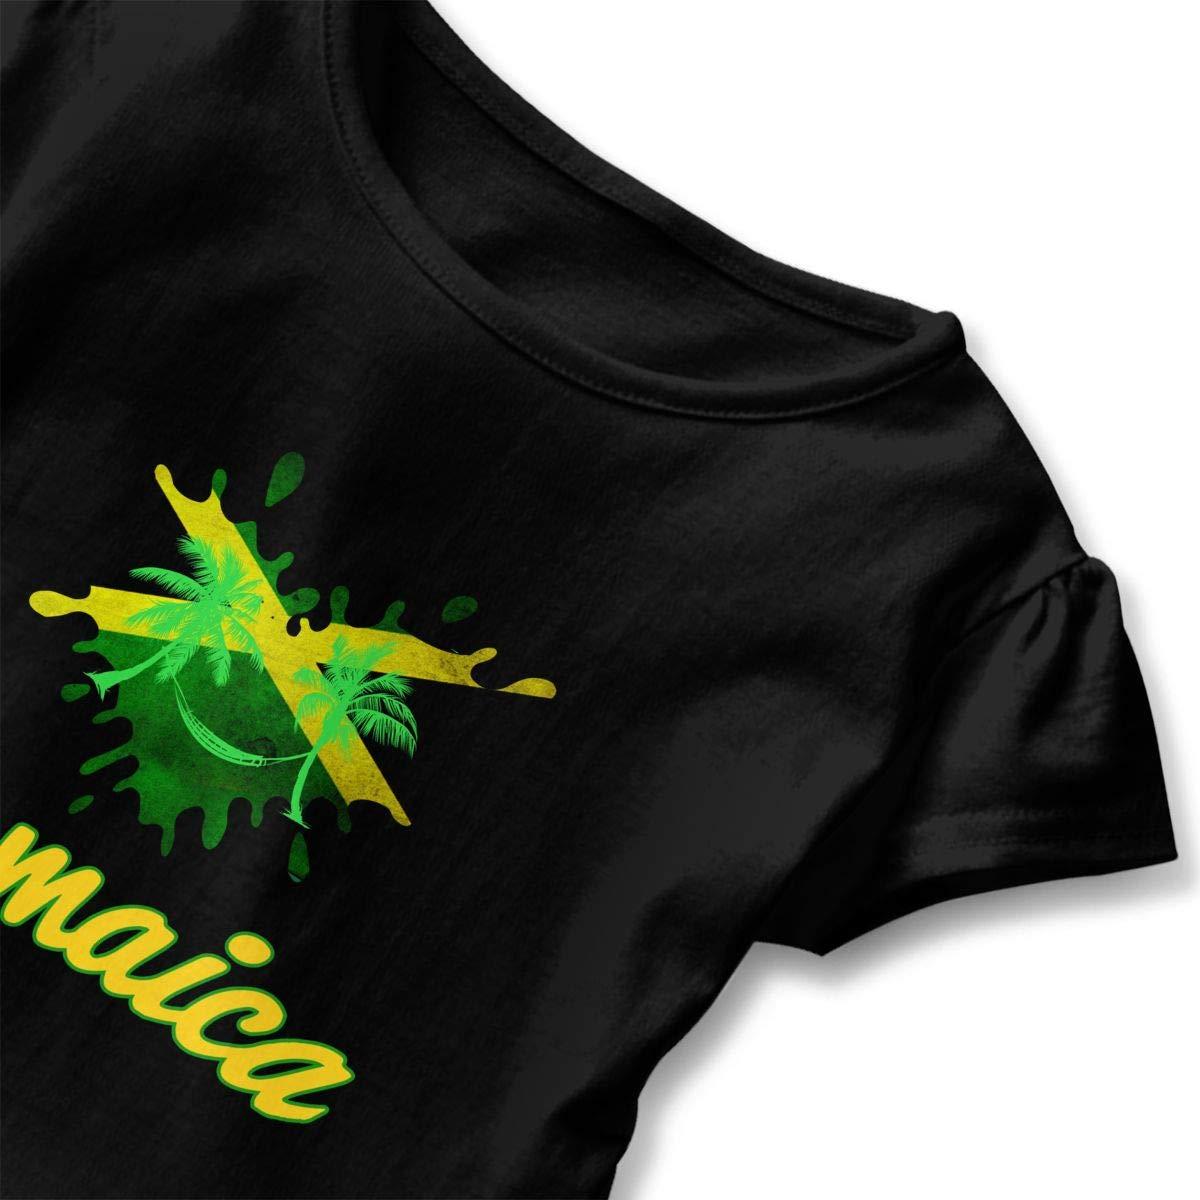 I Love Jamaica Toddler Baby Girls Short Sleeve Ruffle T-Shirt